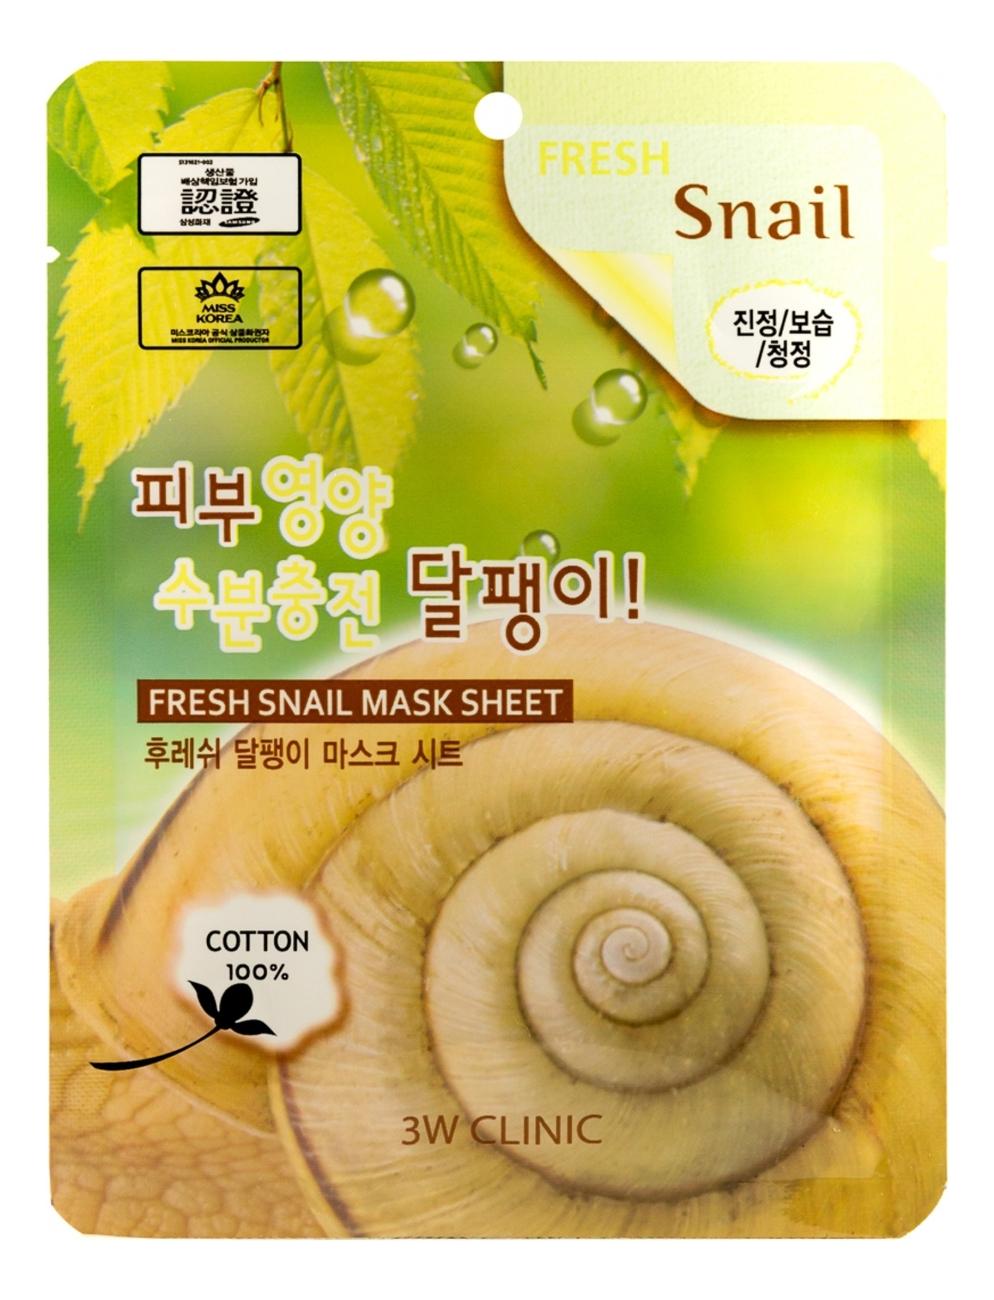 Тканевая маска для лица с секретом улитки Fresh Snail Mask Sheet: Маска 23г lebelage тканевая маска для лица увлажняющая aqua natural mask 23г